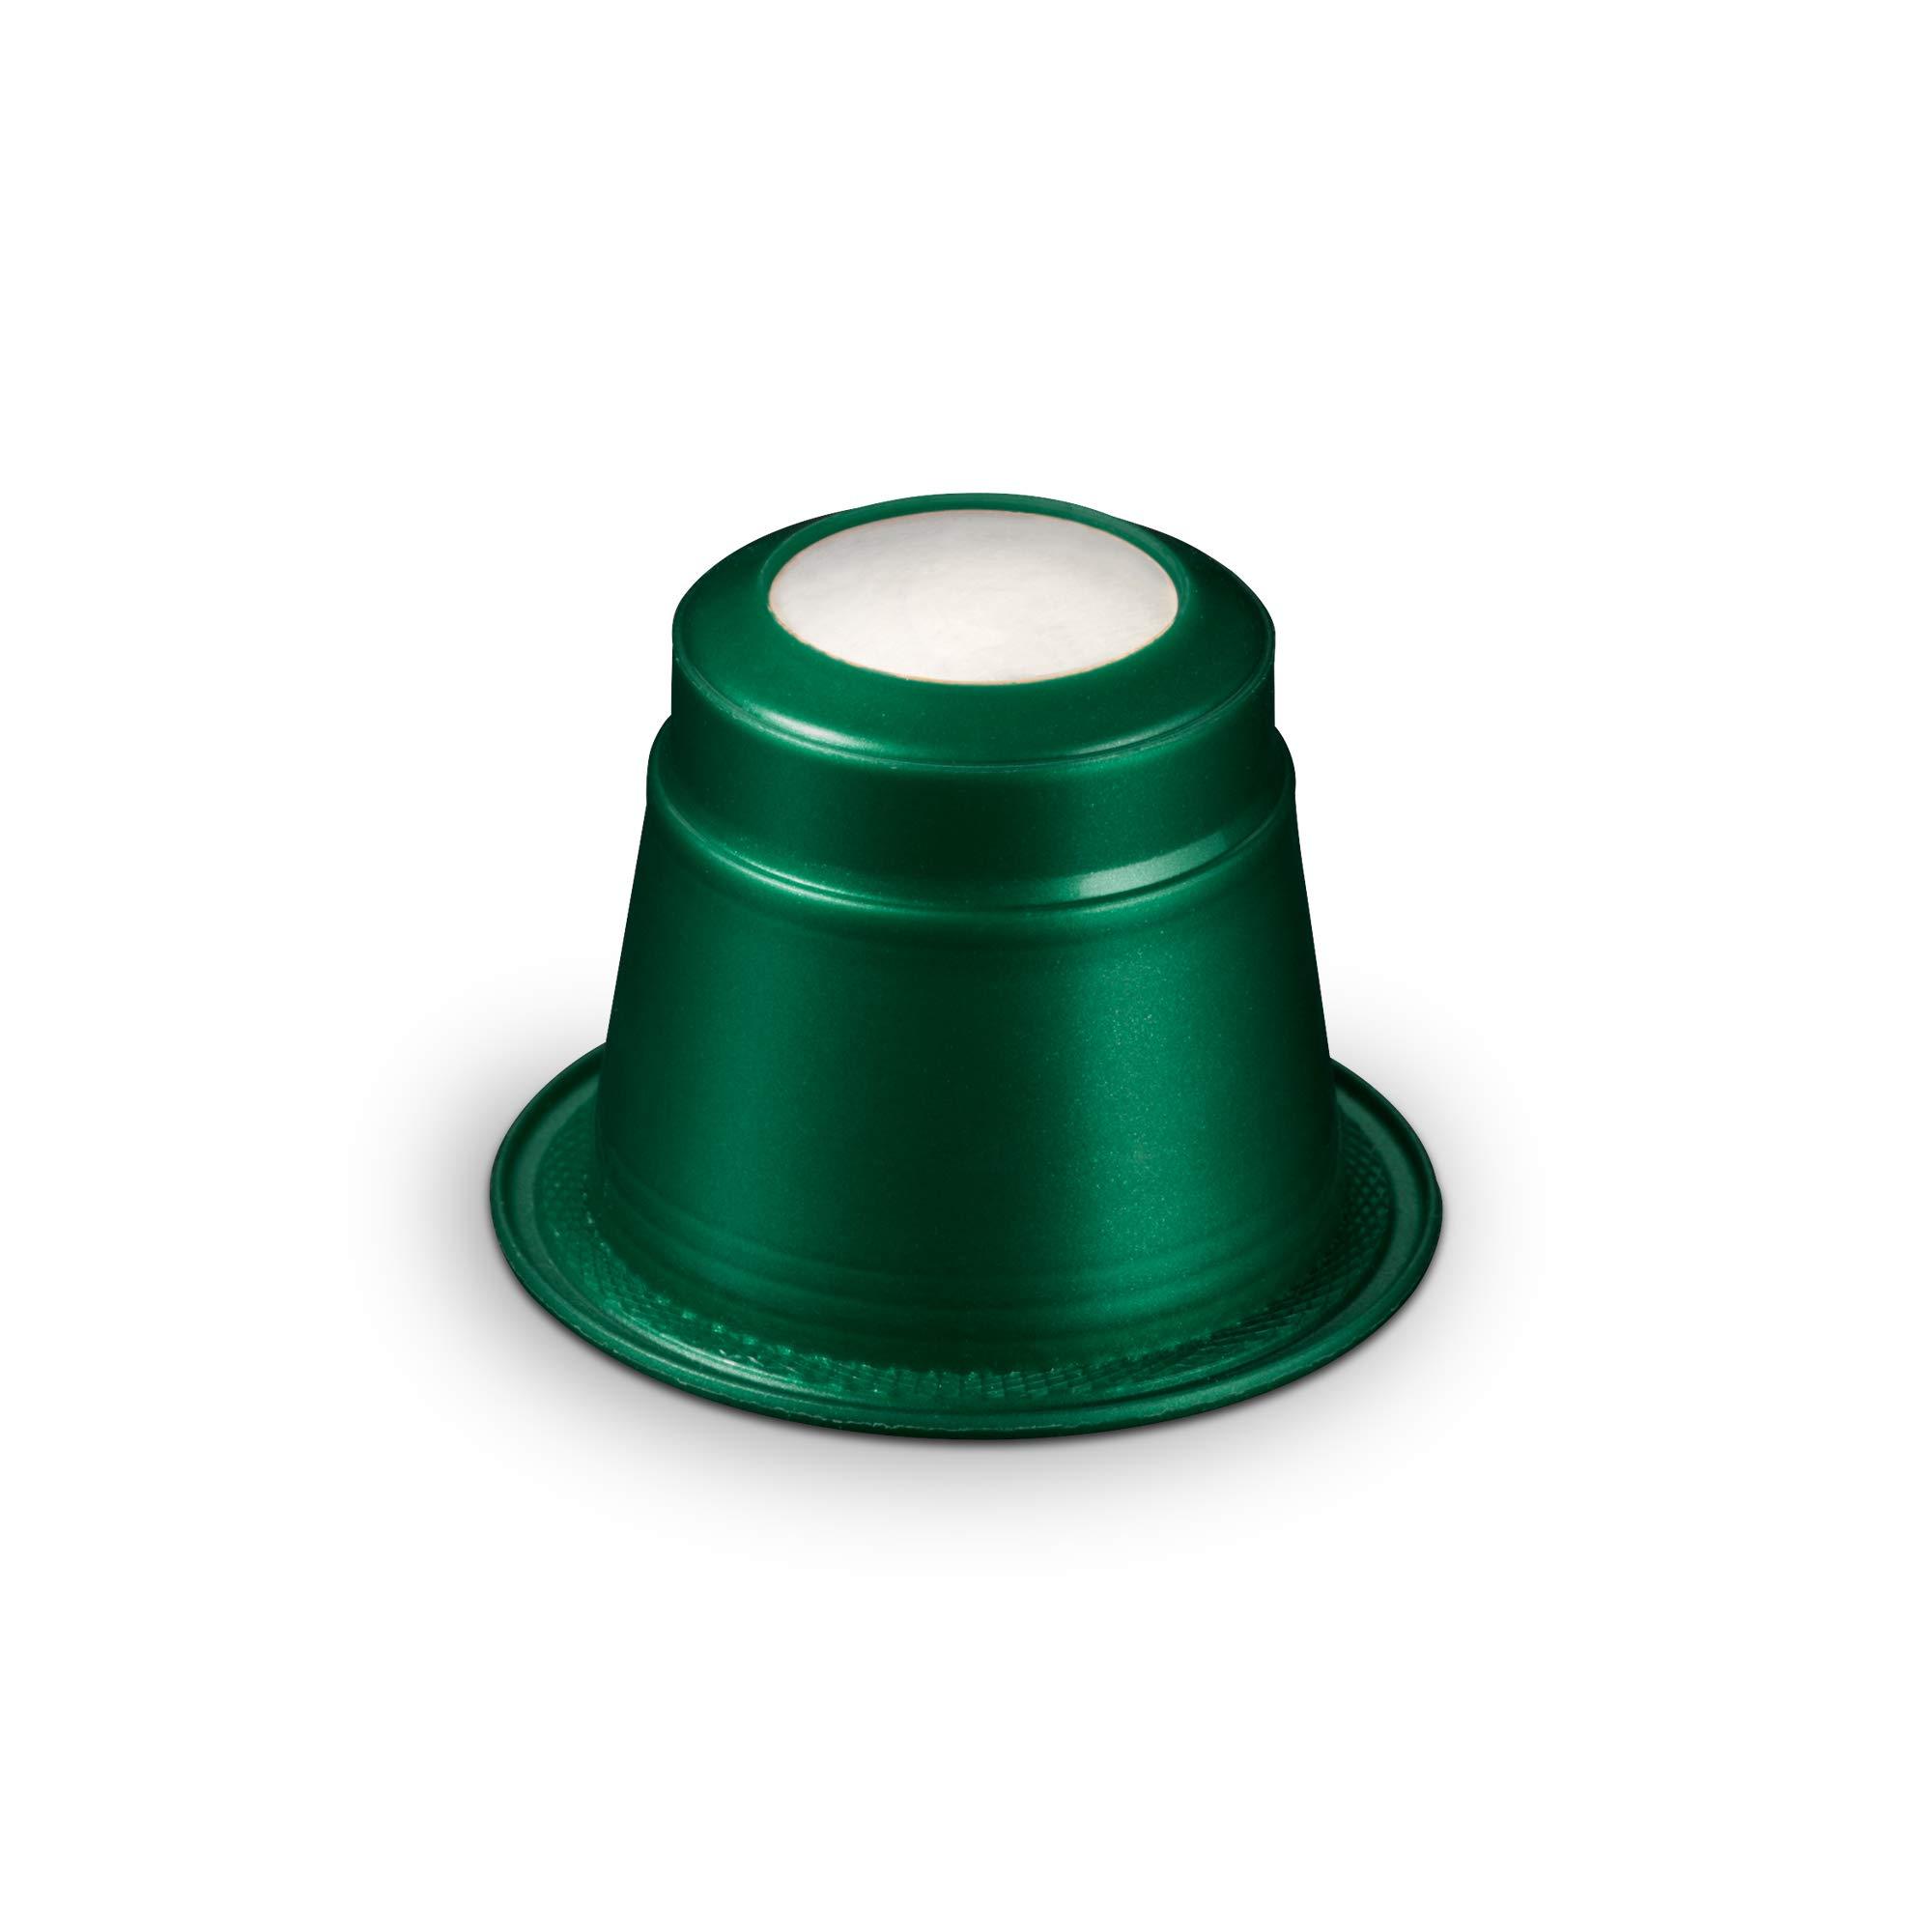 Café La Llave Espresso Capsules, Intensity 11 (80 Pods) Compatible with Nespresso OriginalLine Machines, Single Cup Coffee by Cafe La Llave (Image #9)